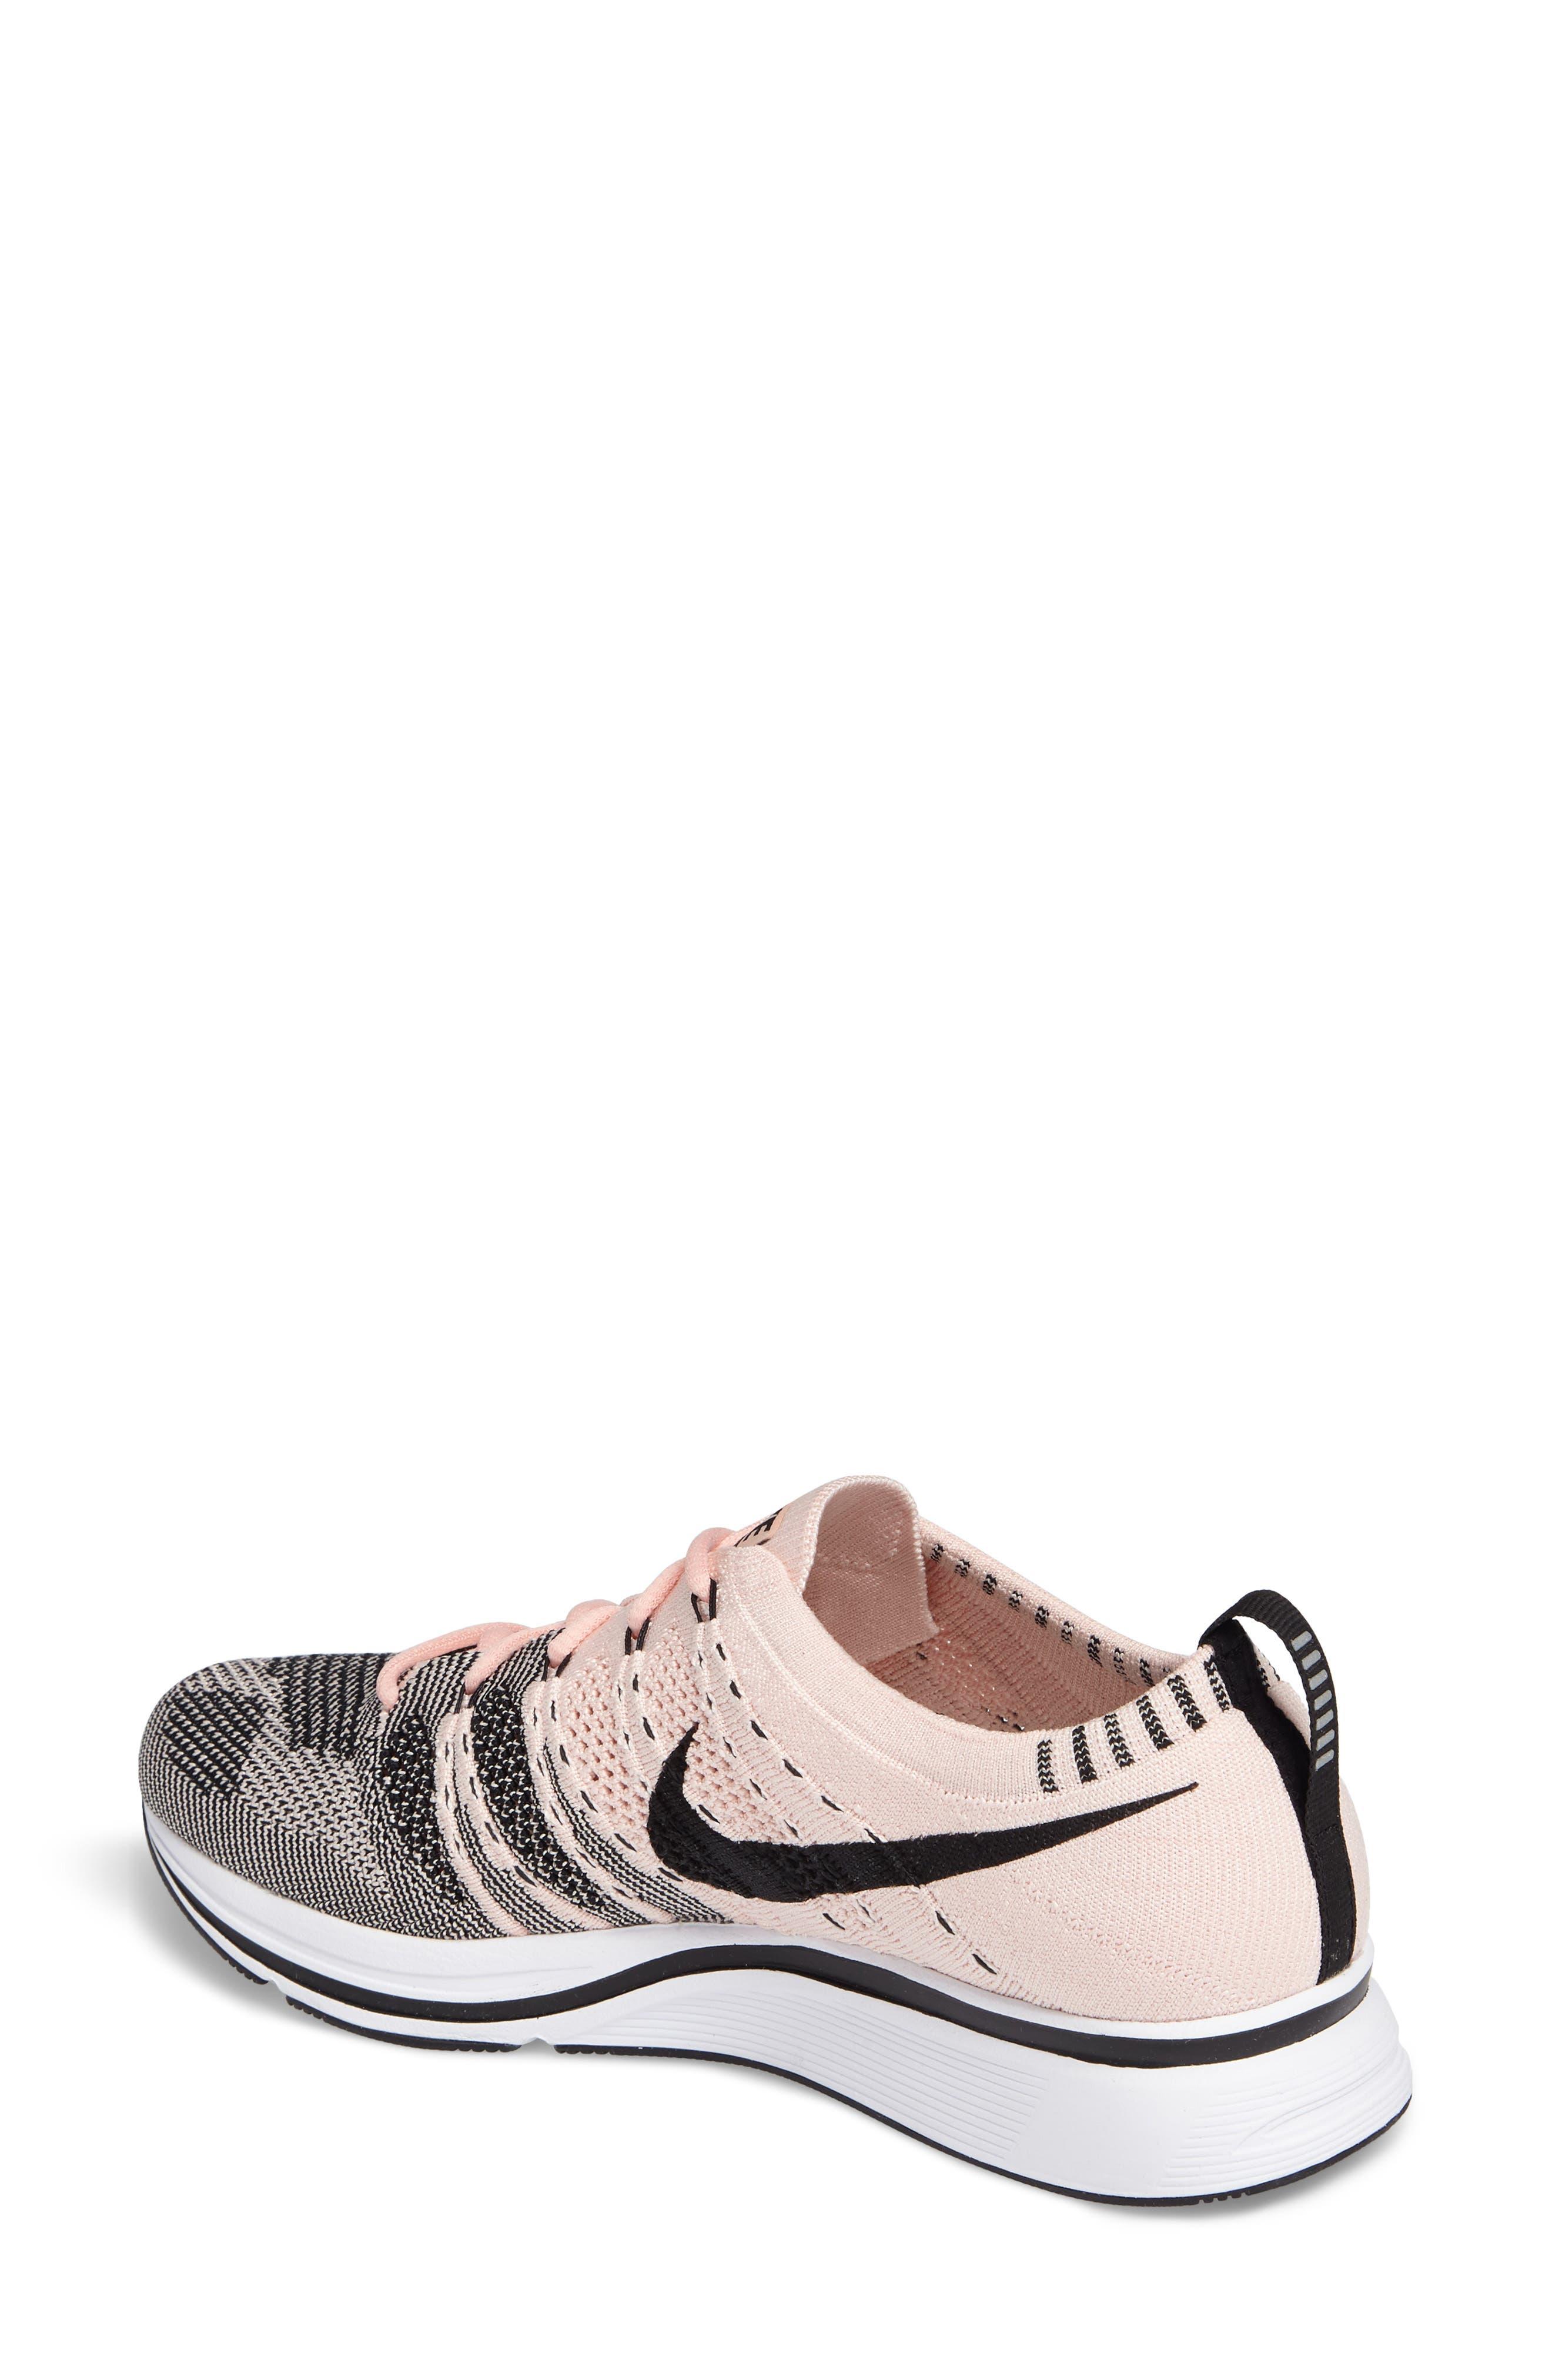 NikeLab Flyknit Trainer Sneaker,                             Alternate thumbnail 2, color,                             Sunset Tint/Black-White